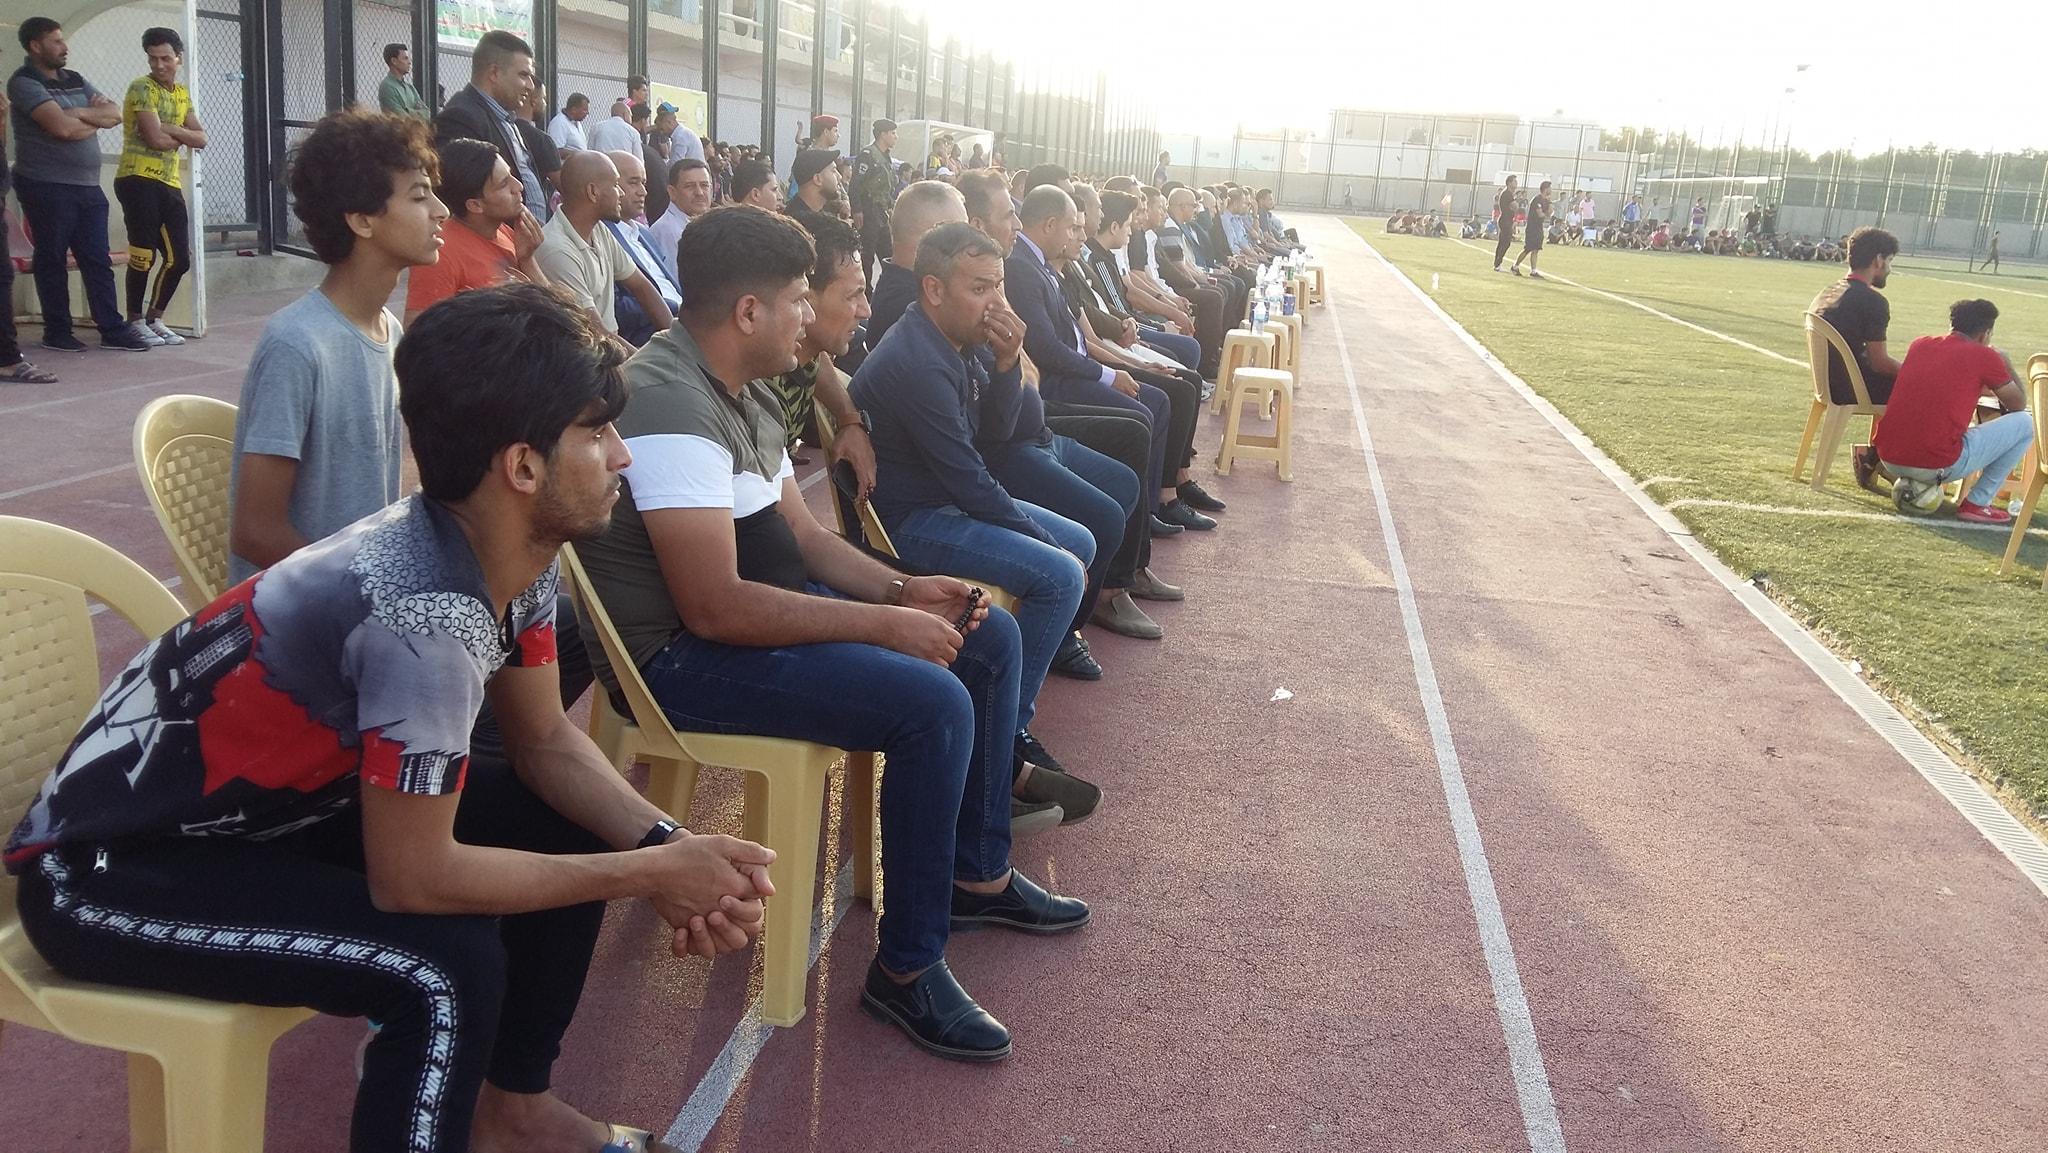 برعايته ودعماً منه للحركة الرياضية في المحافظة : رئيس مجلس المحافظة يحضر نهائي بطولة المحافظة للفرق الشعبية بكرة القدم